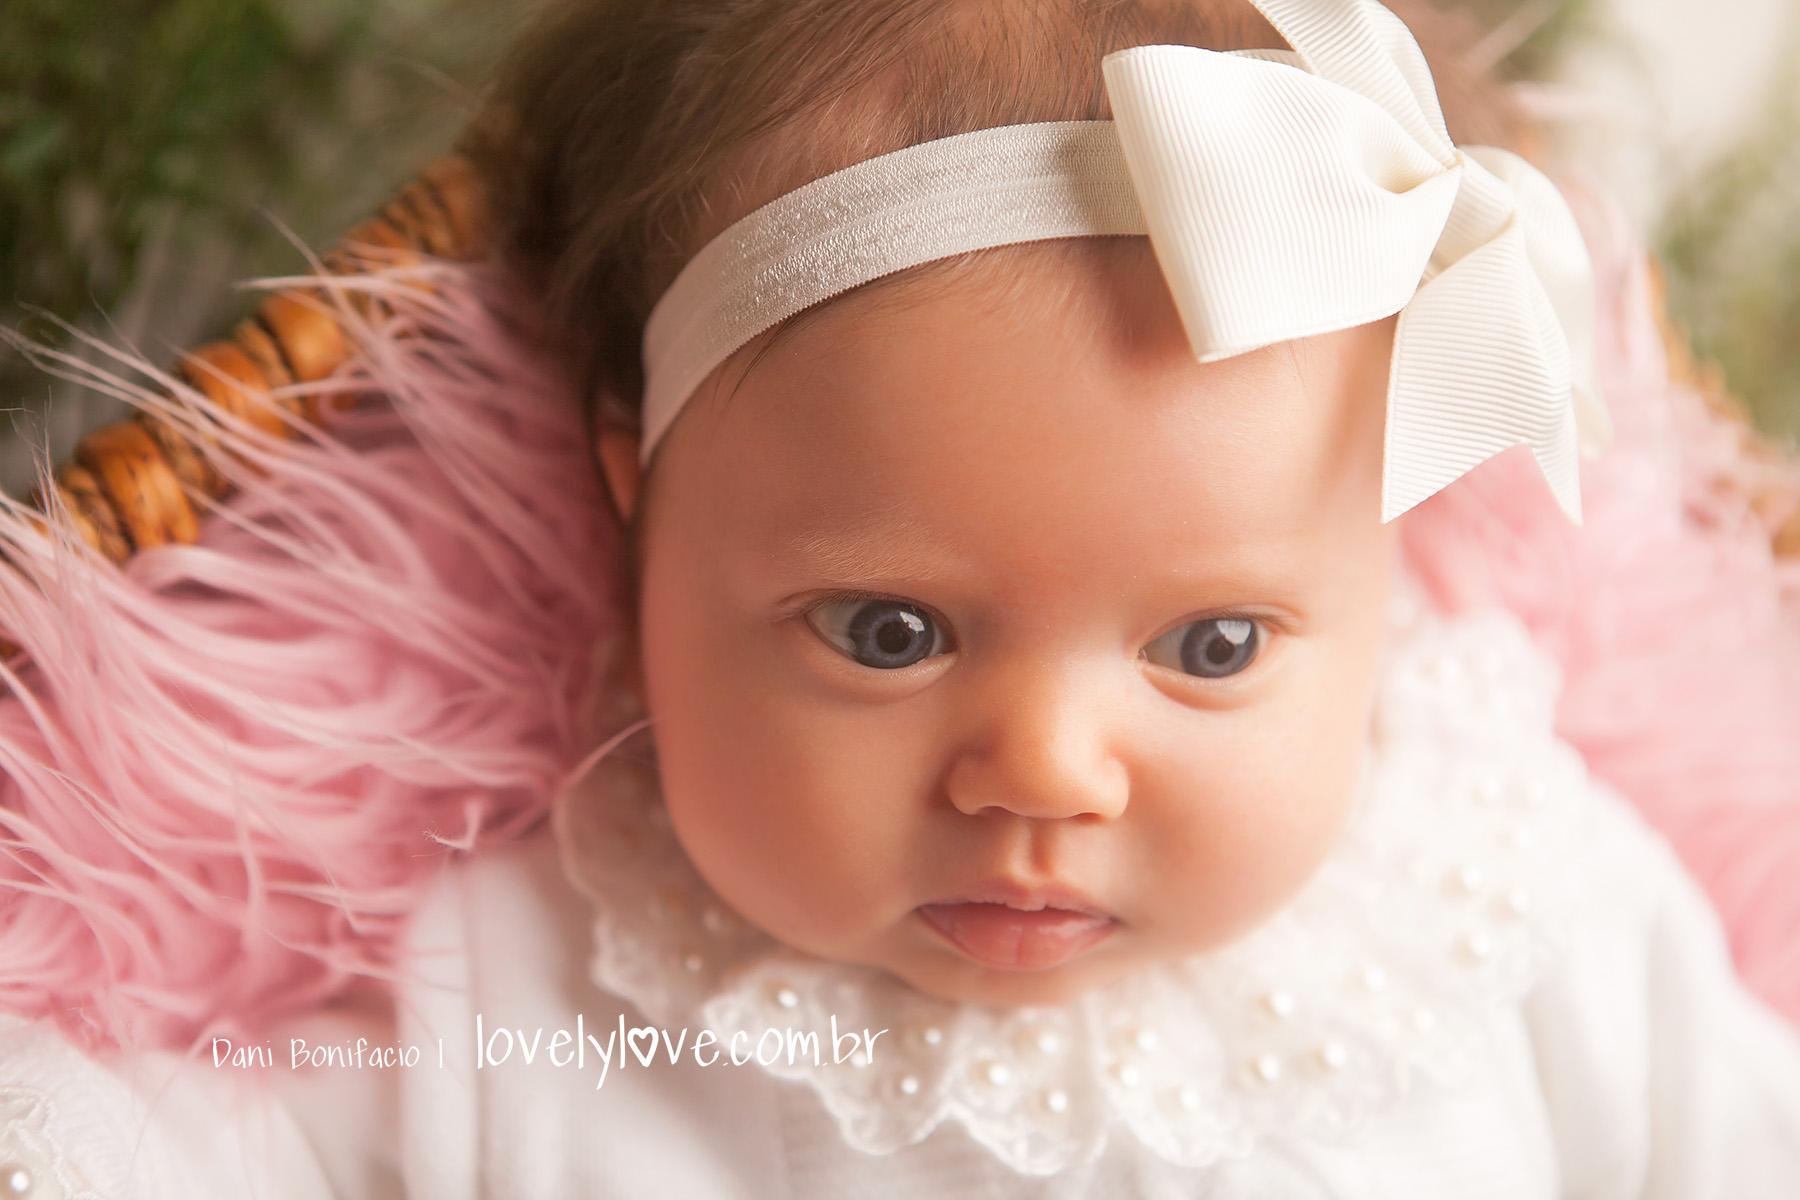 danibonifacio-lovelylove-fotografia-acomapanhamentobebe-ensaioinfantil-newborn-fotografadefamilia-gravida-gestante3